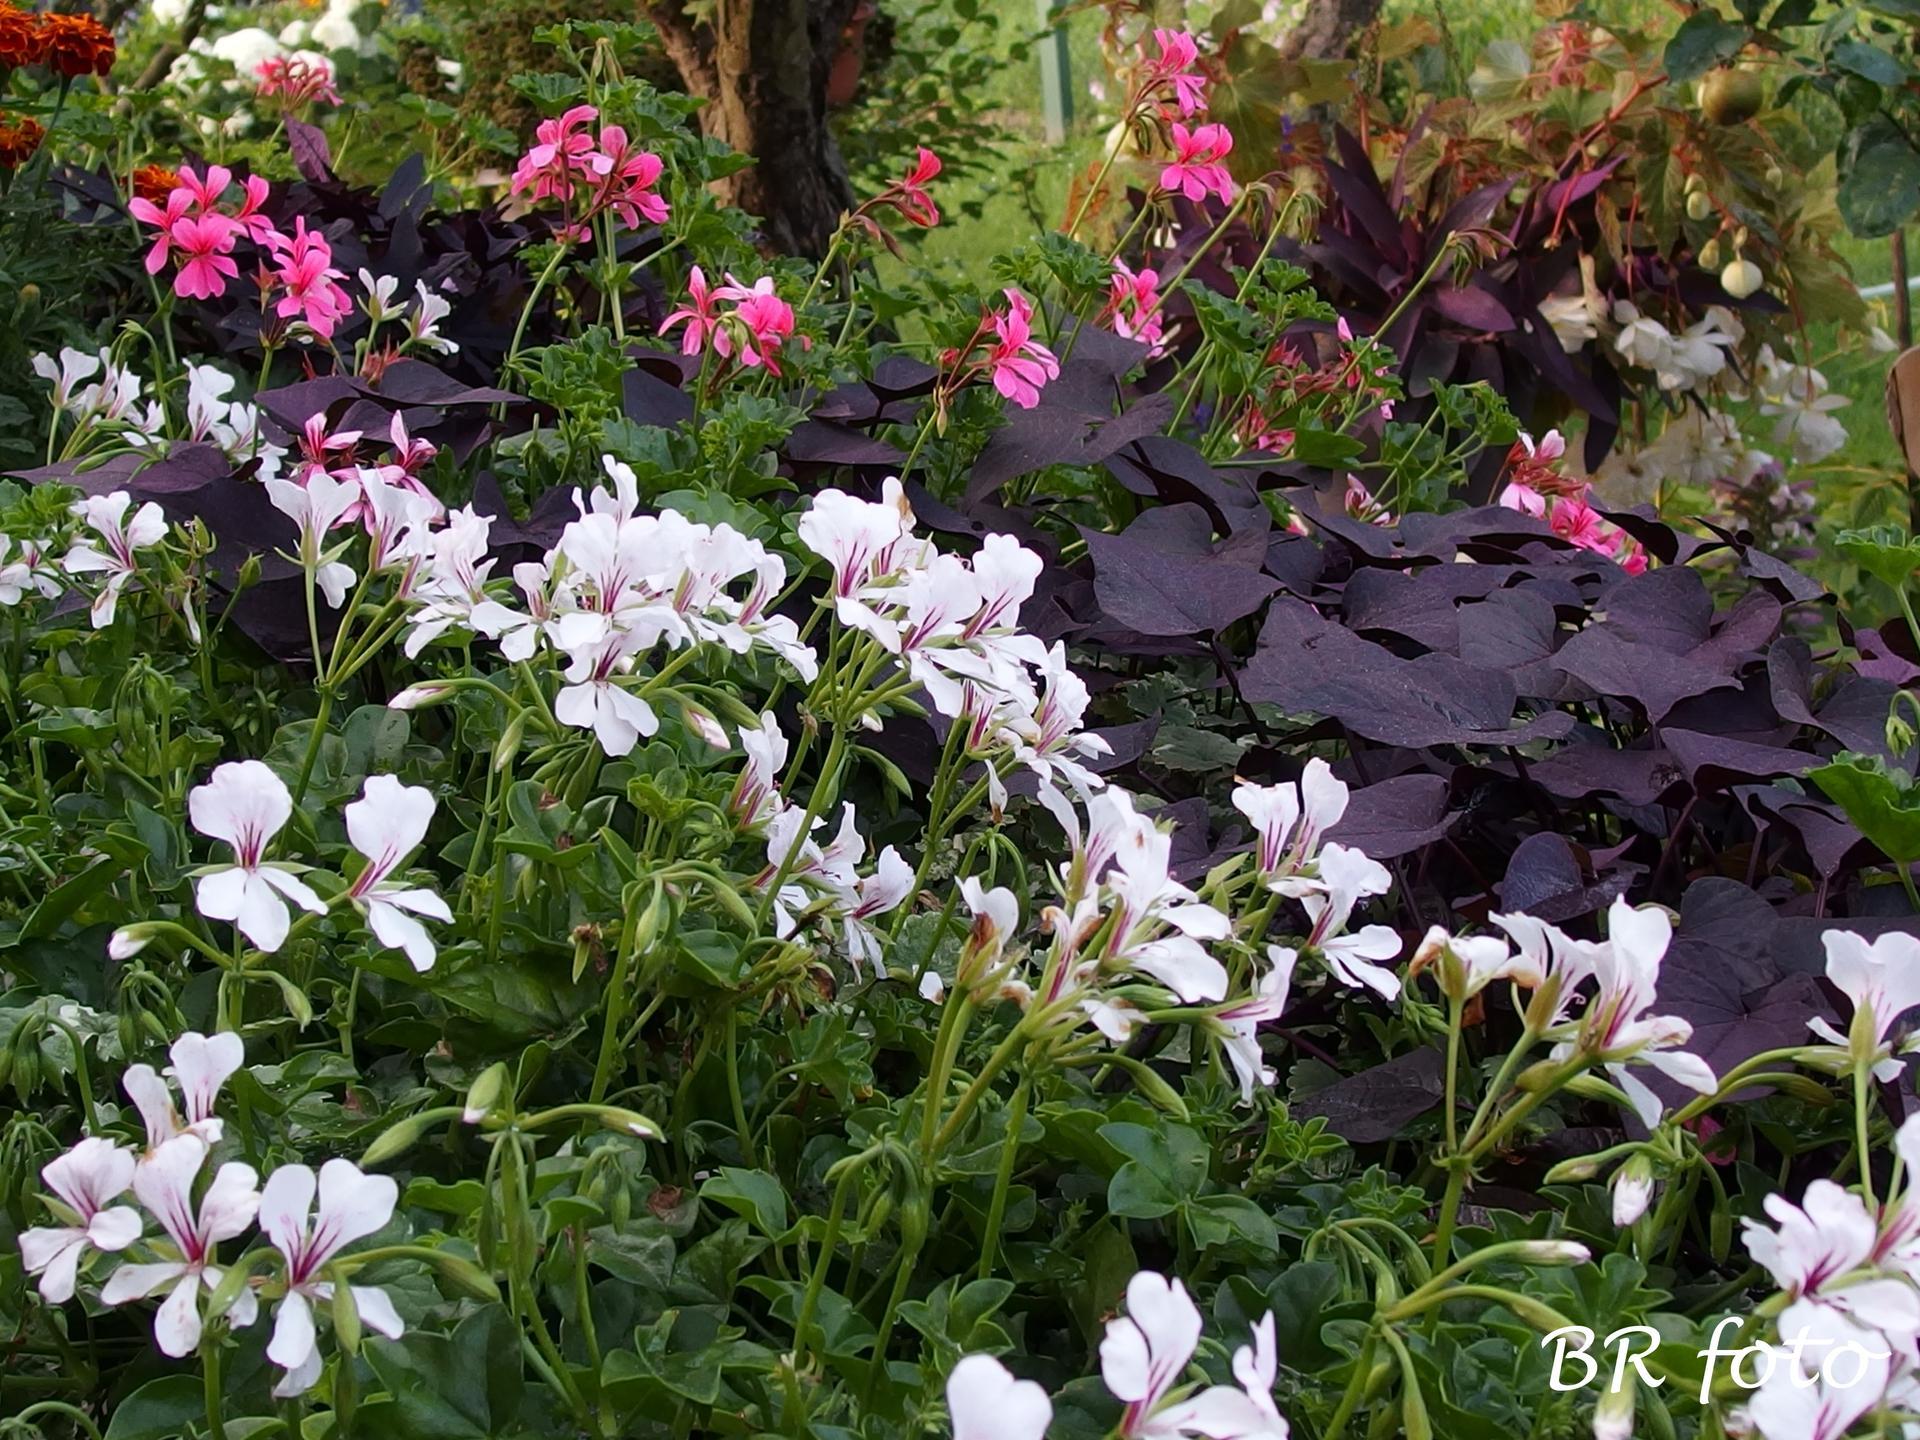 Zahrada v létě - polopřevislý muškát a tmavé listy povíjnice batátové